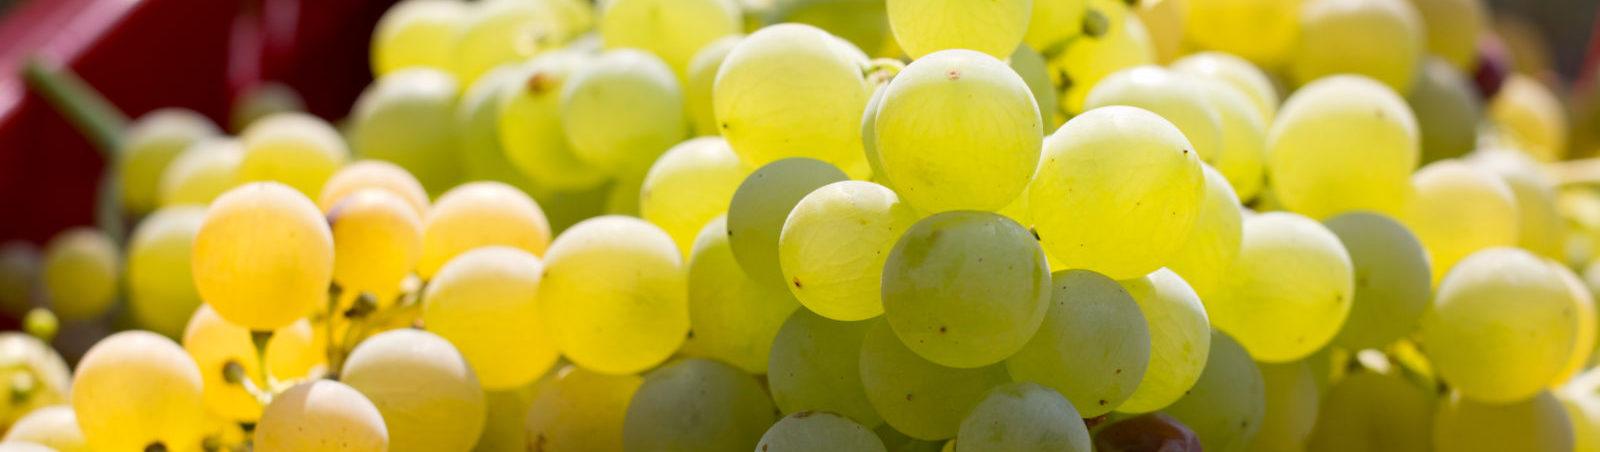 Vinene våre